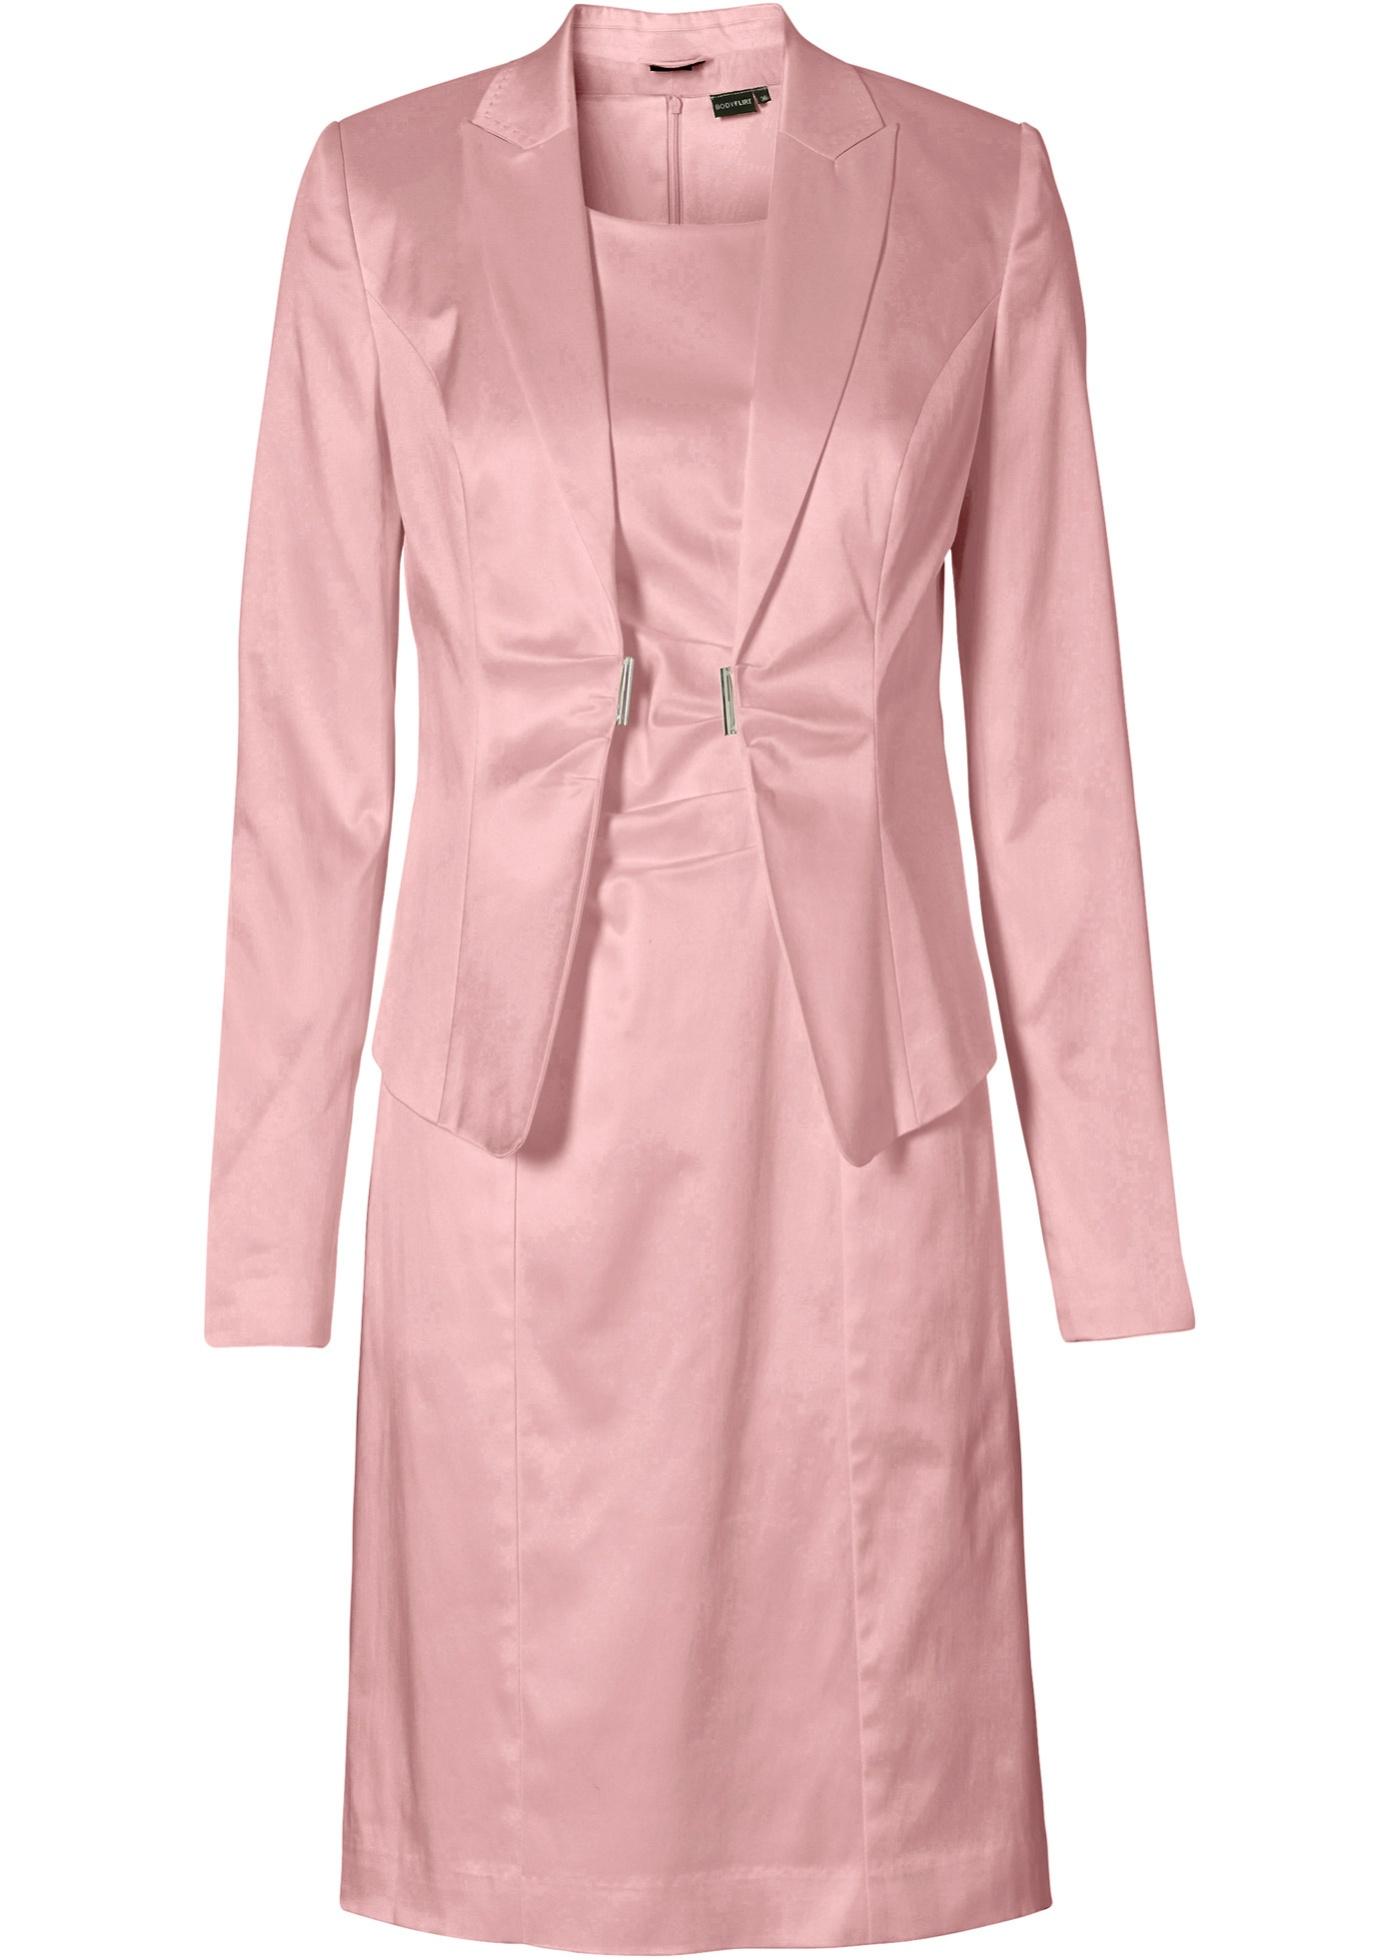 Kostüm Blazer + Kleid 2-tlg. Set in rosa für Damen von bonprix Damenmode > Damenbekleidung > Damenblazer